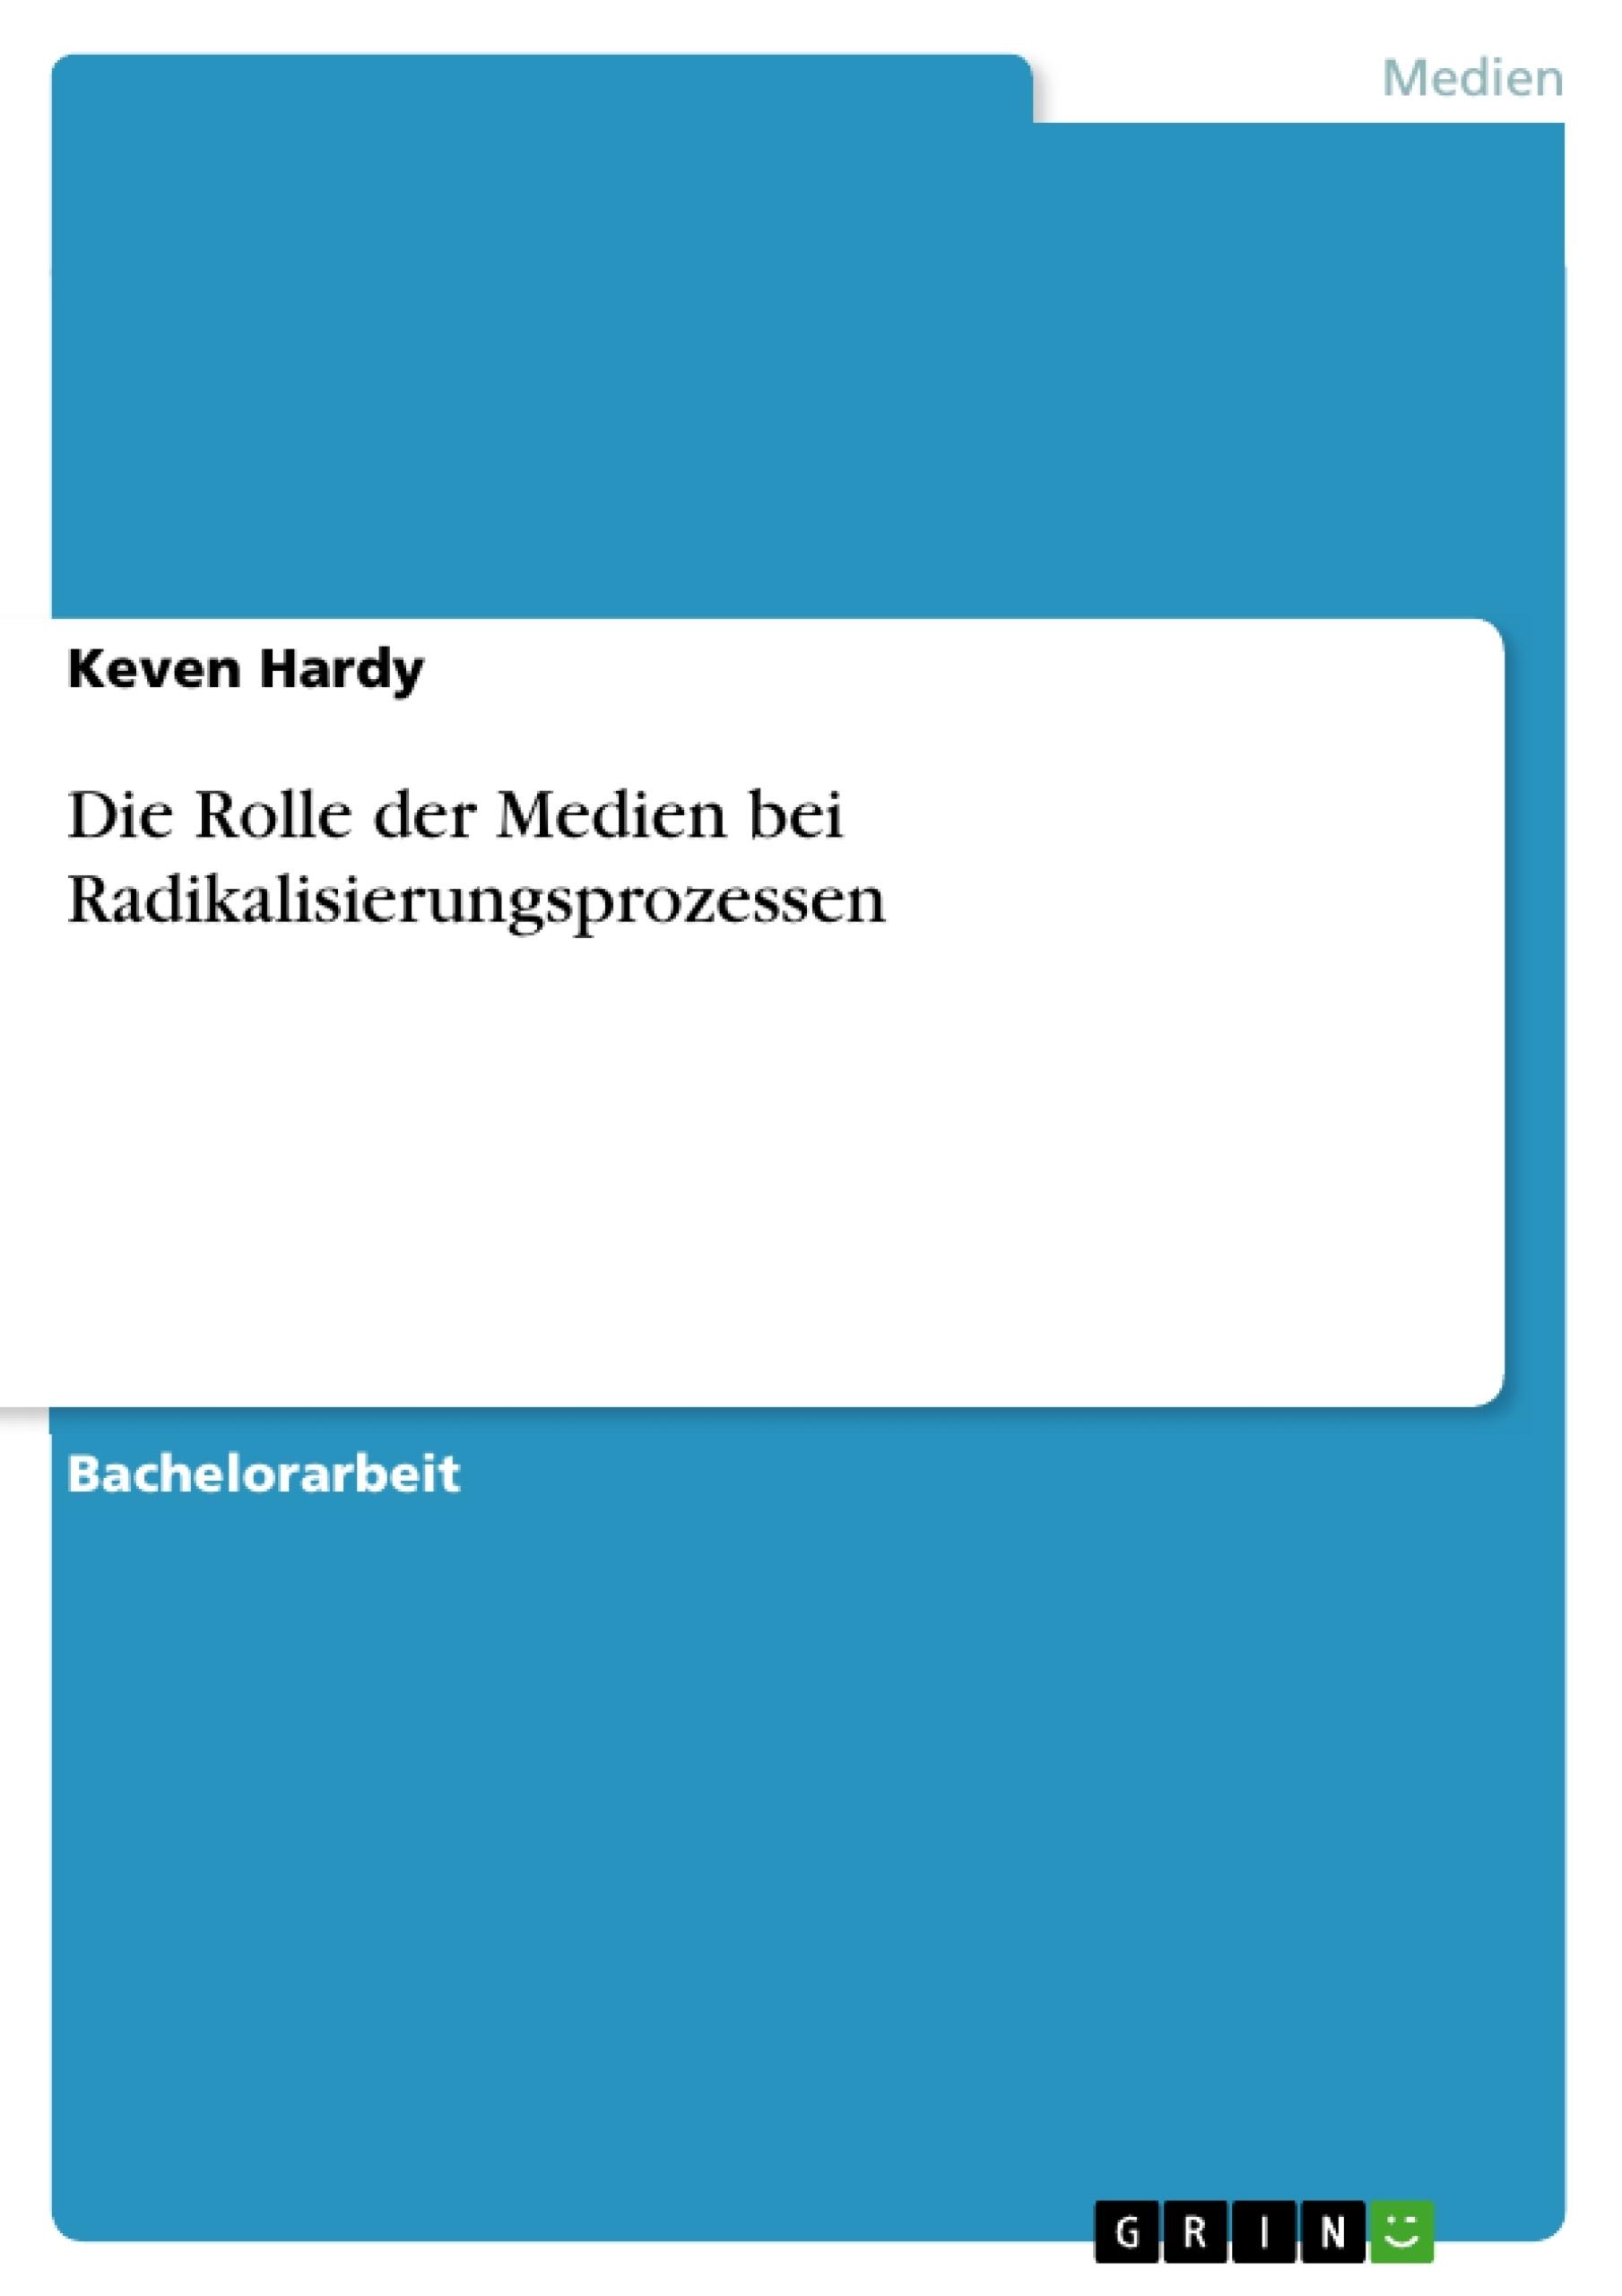 Titel: Die Rolle der Medien bei Radikalisierungsprozessen